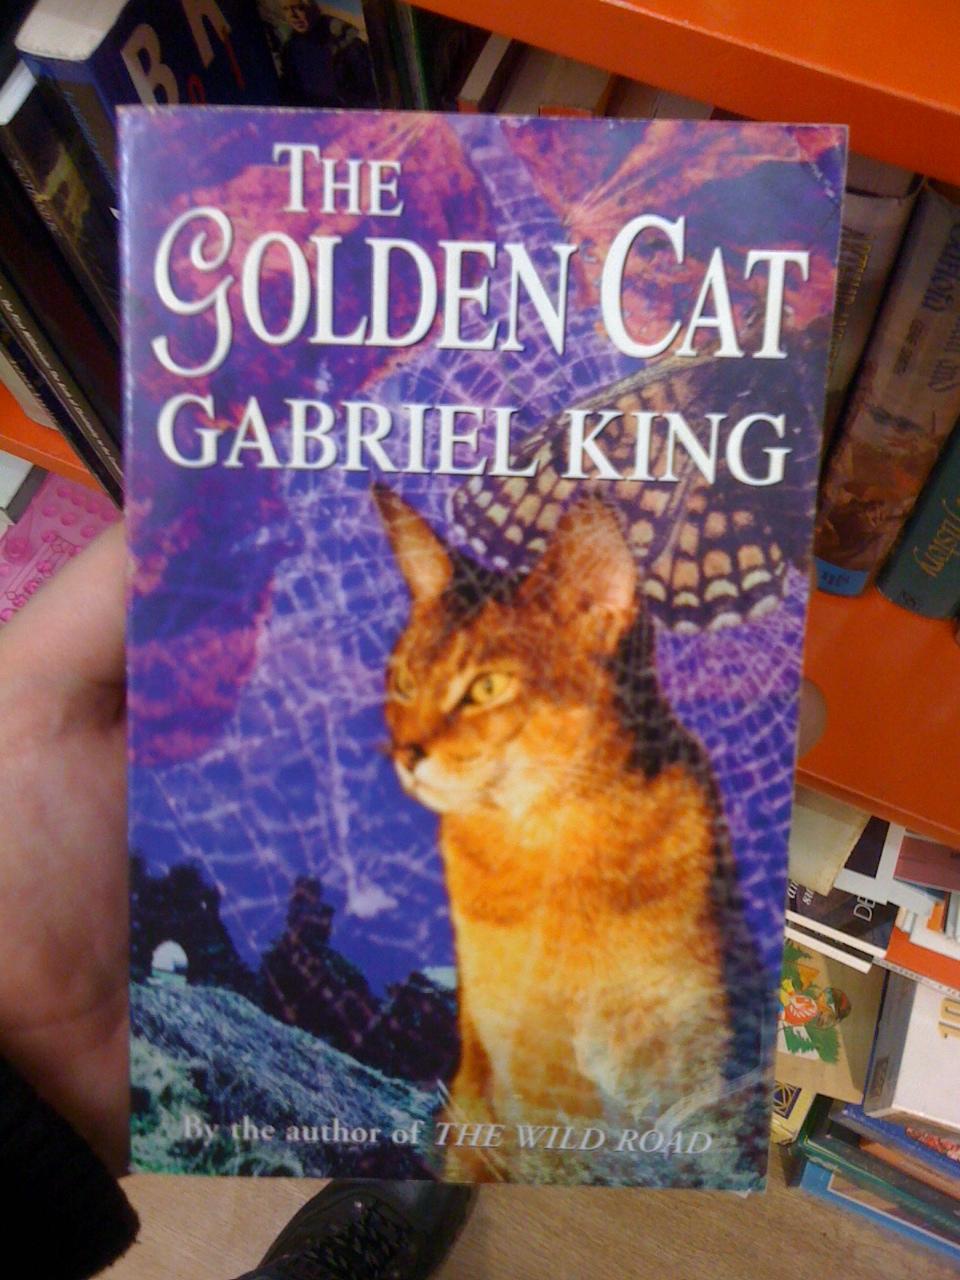 IM IN UR BOOKZ STEELIN UR GOLD!